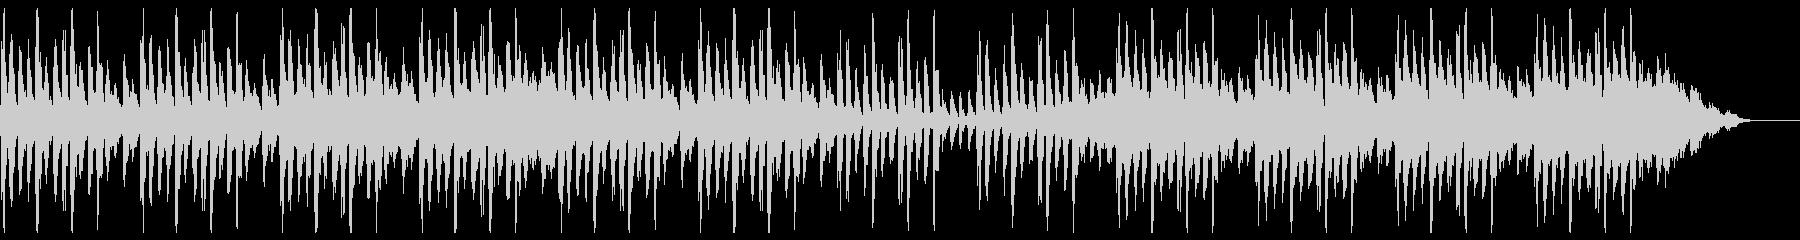 神秘的で幻想的なアンビエント楽曲の未再生の波形